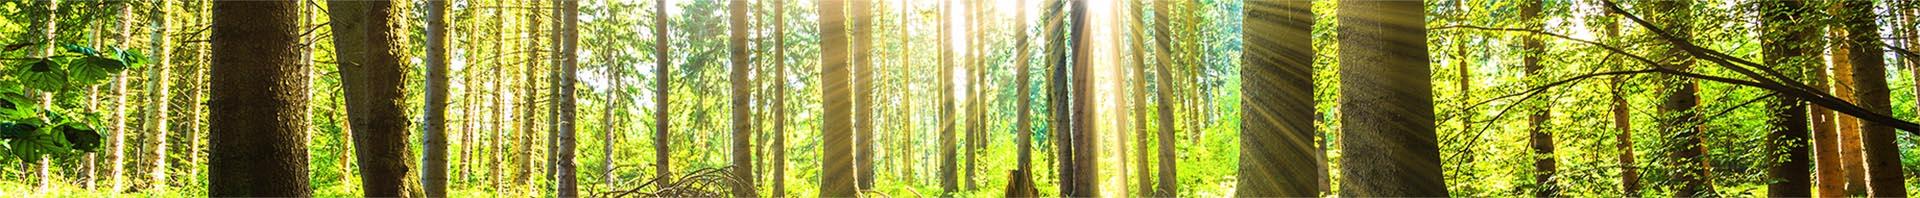 Wald-Ausschnitt